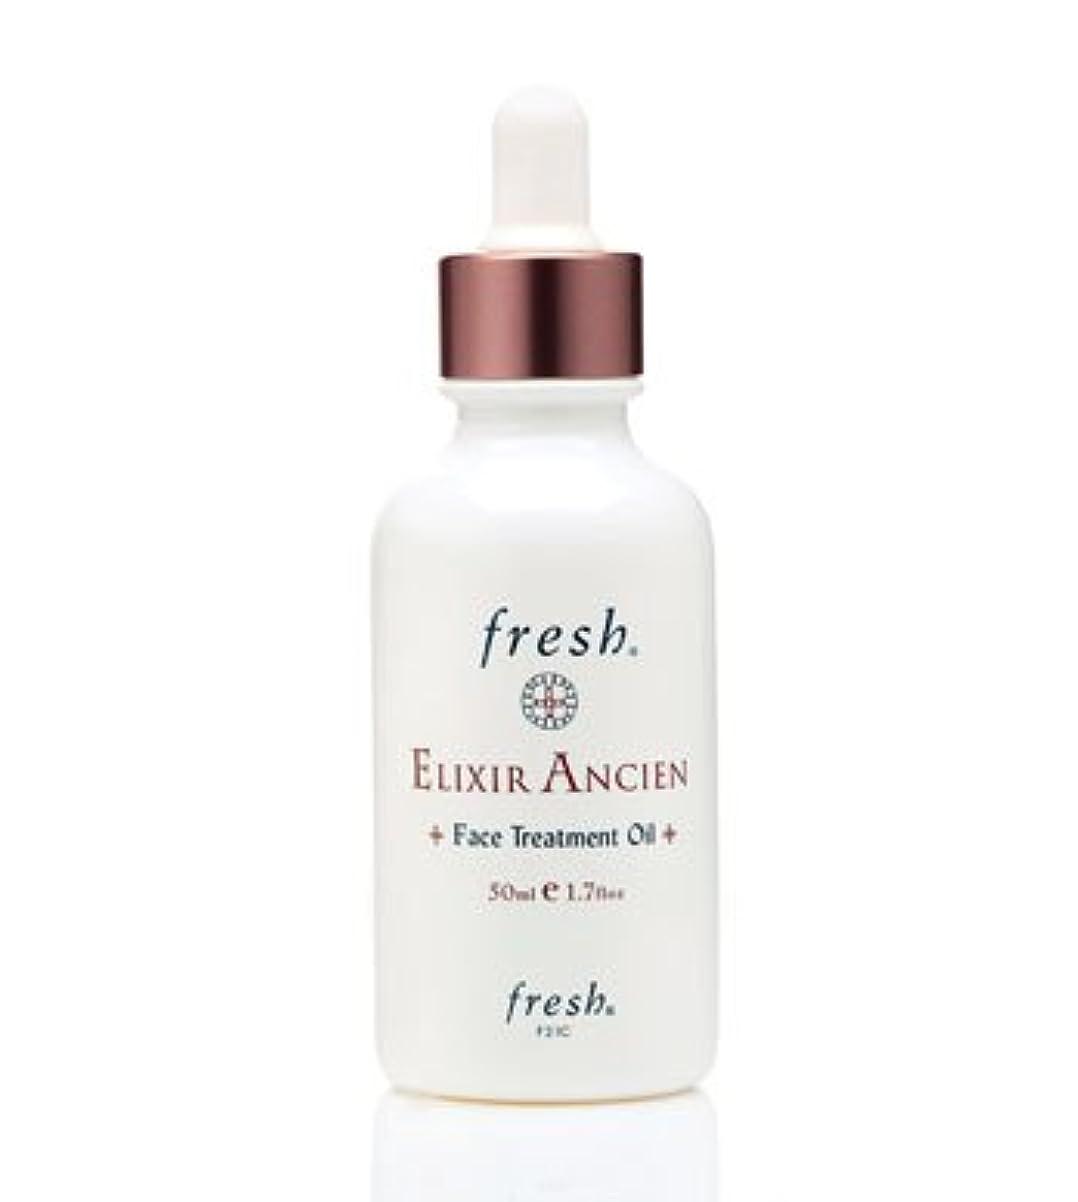 曲線わずかな自分Fresh ELIXIR ANCIEN (フレッシュ エリキサーアンシエン) 1.7 oz (50ml) by Fresh for Women